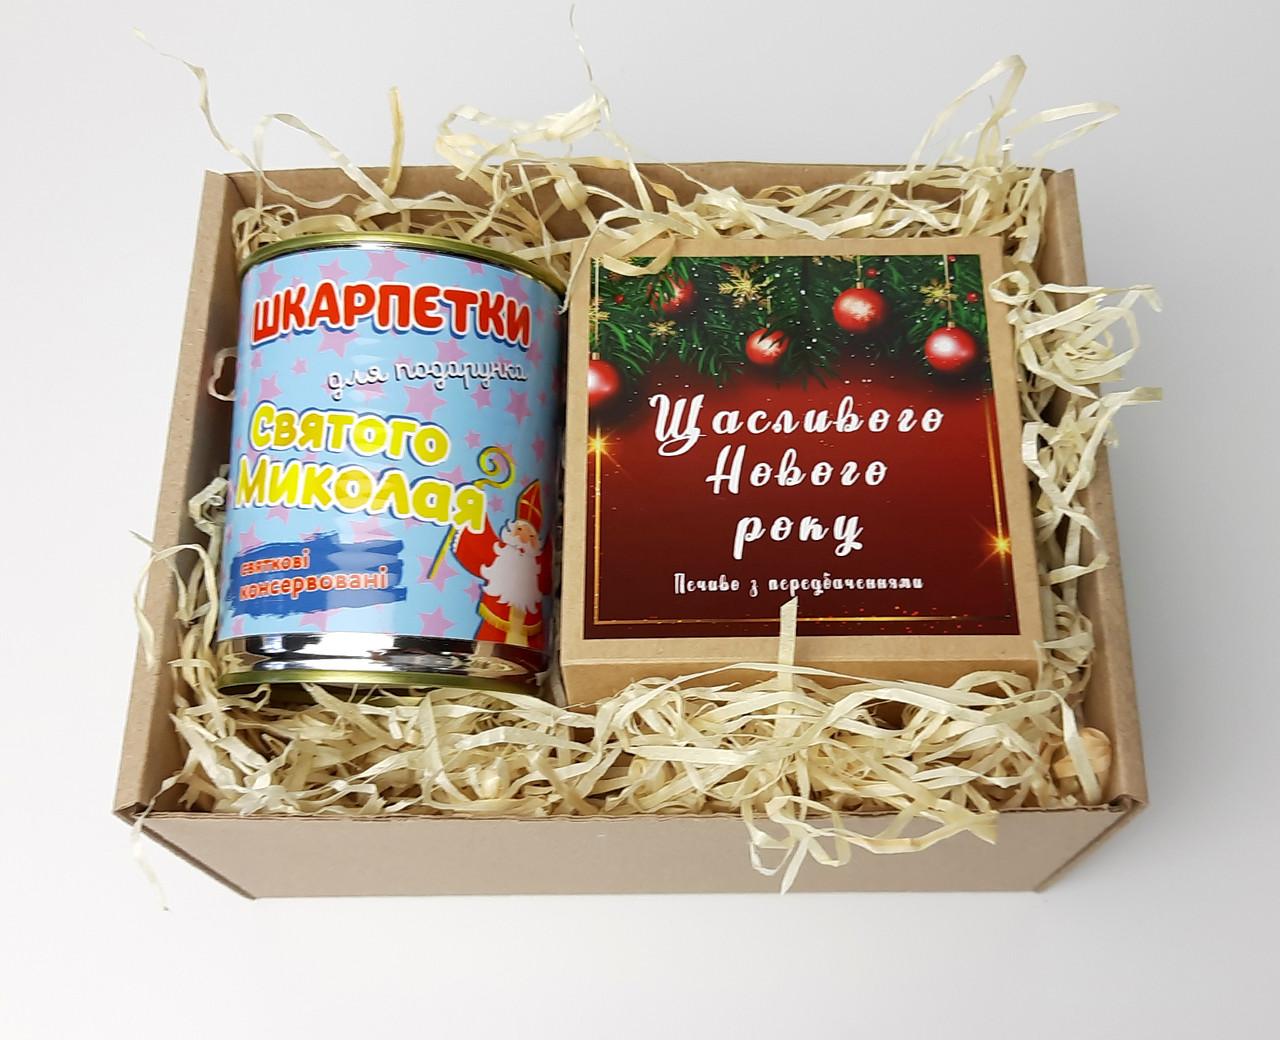 Подарок на Свято Миколая: Печенье с предсказаниями, Консервированные носочки для подарка Святого Миколая